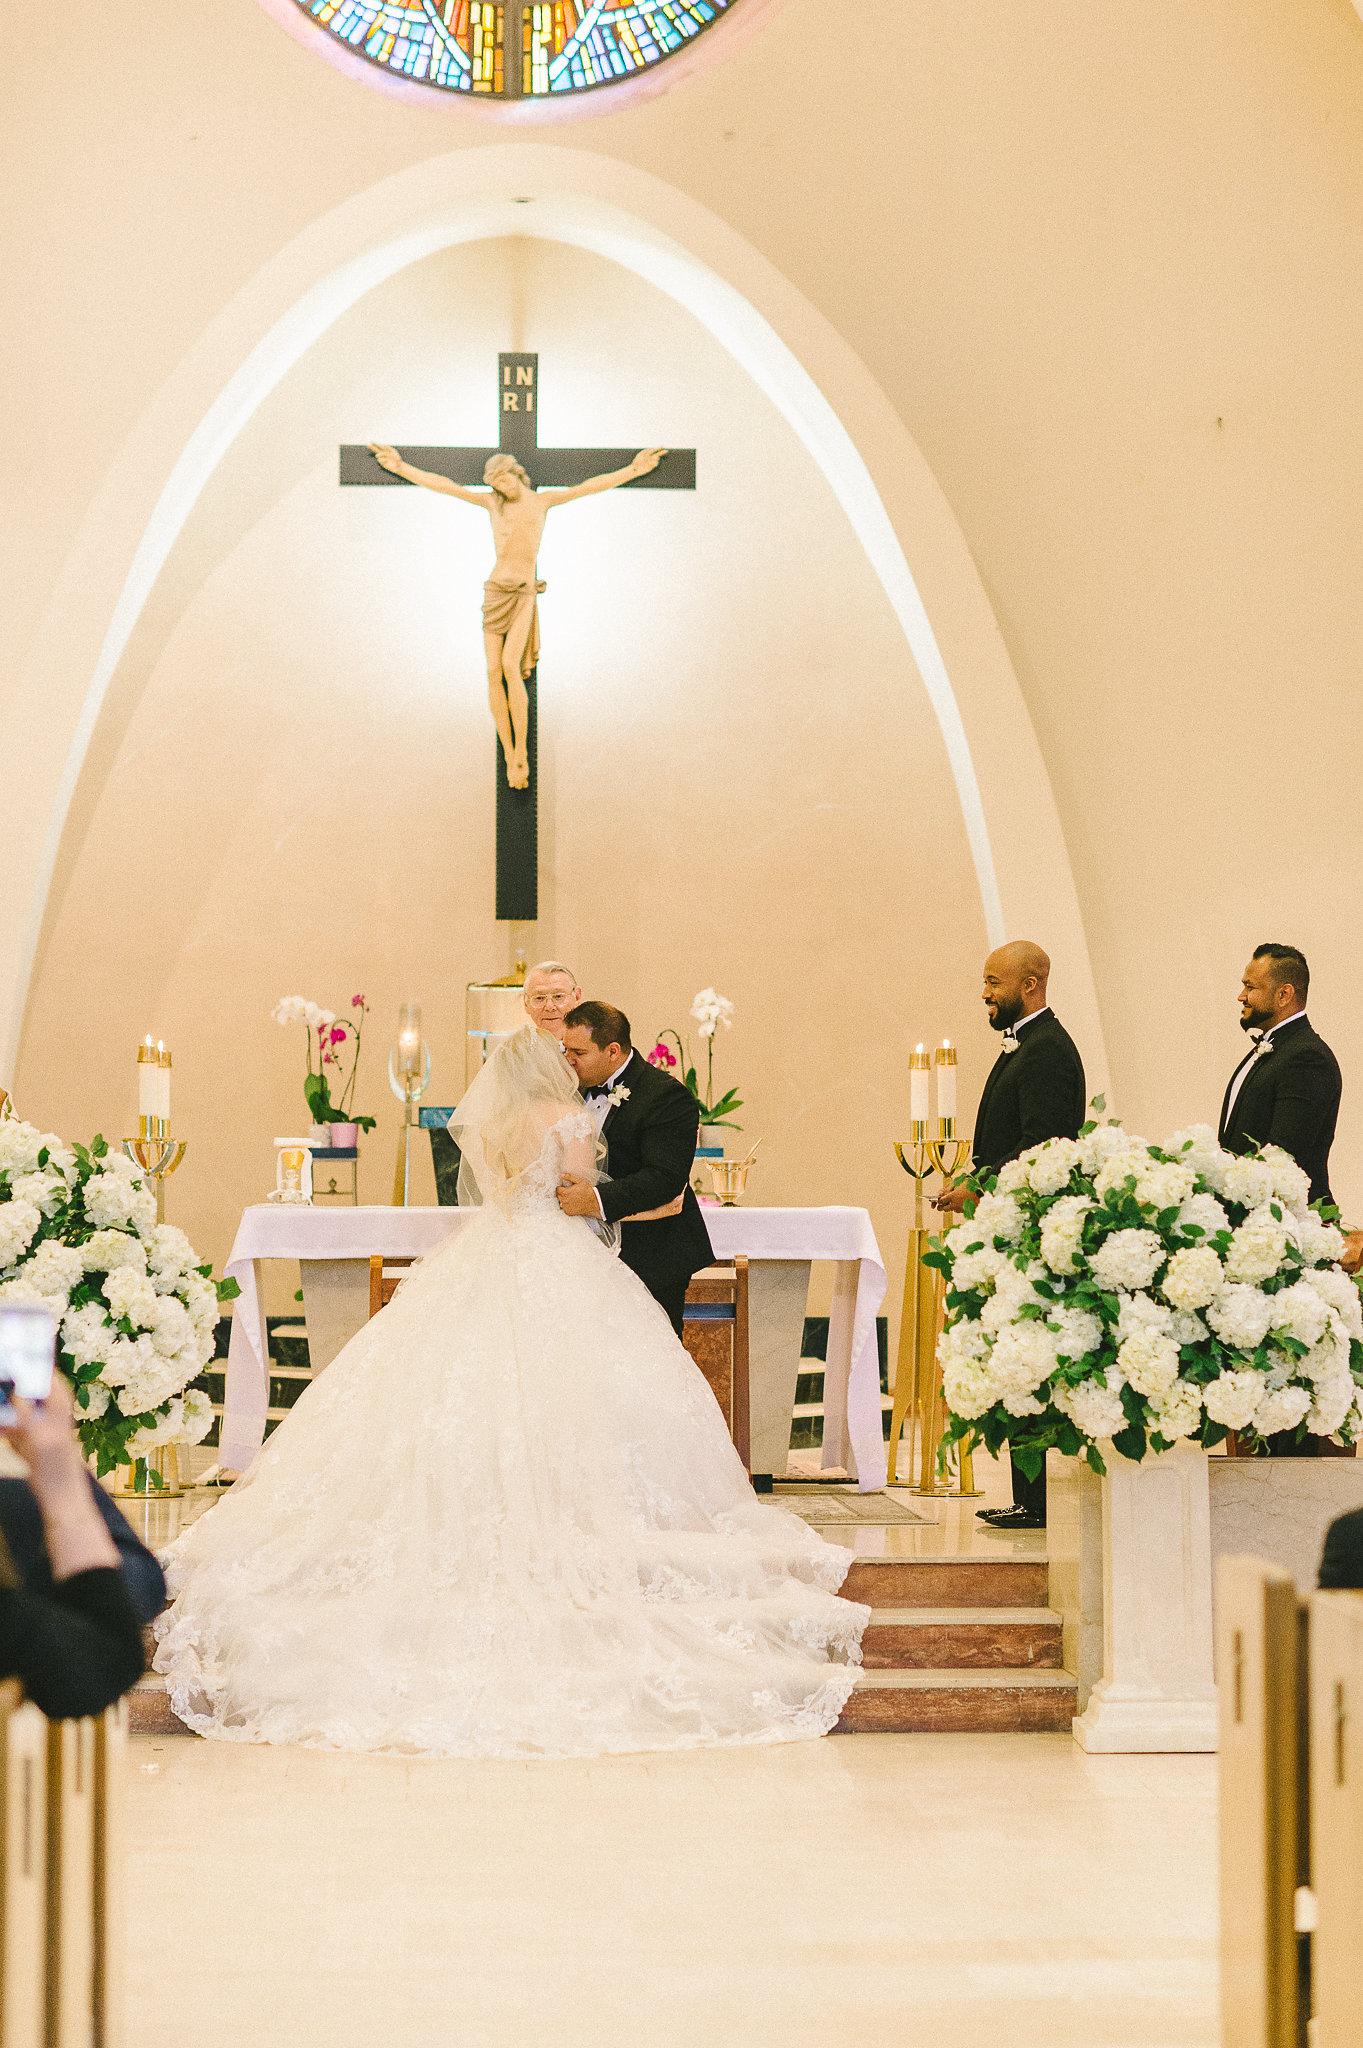 Elizabeth-Fogarty-Wedding-Photography-75.jpg